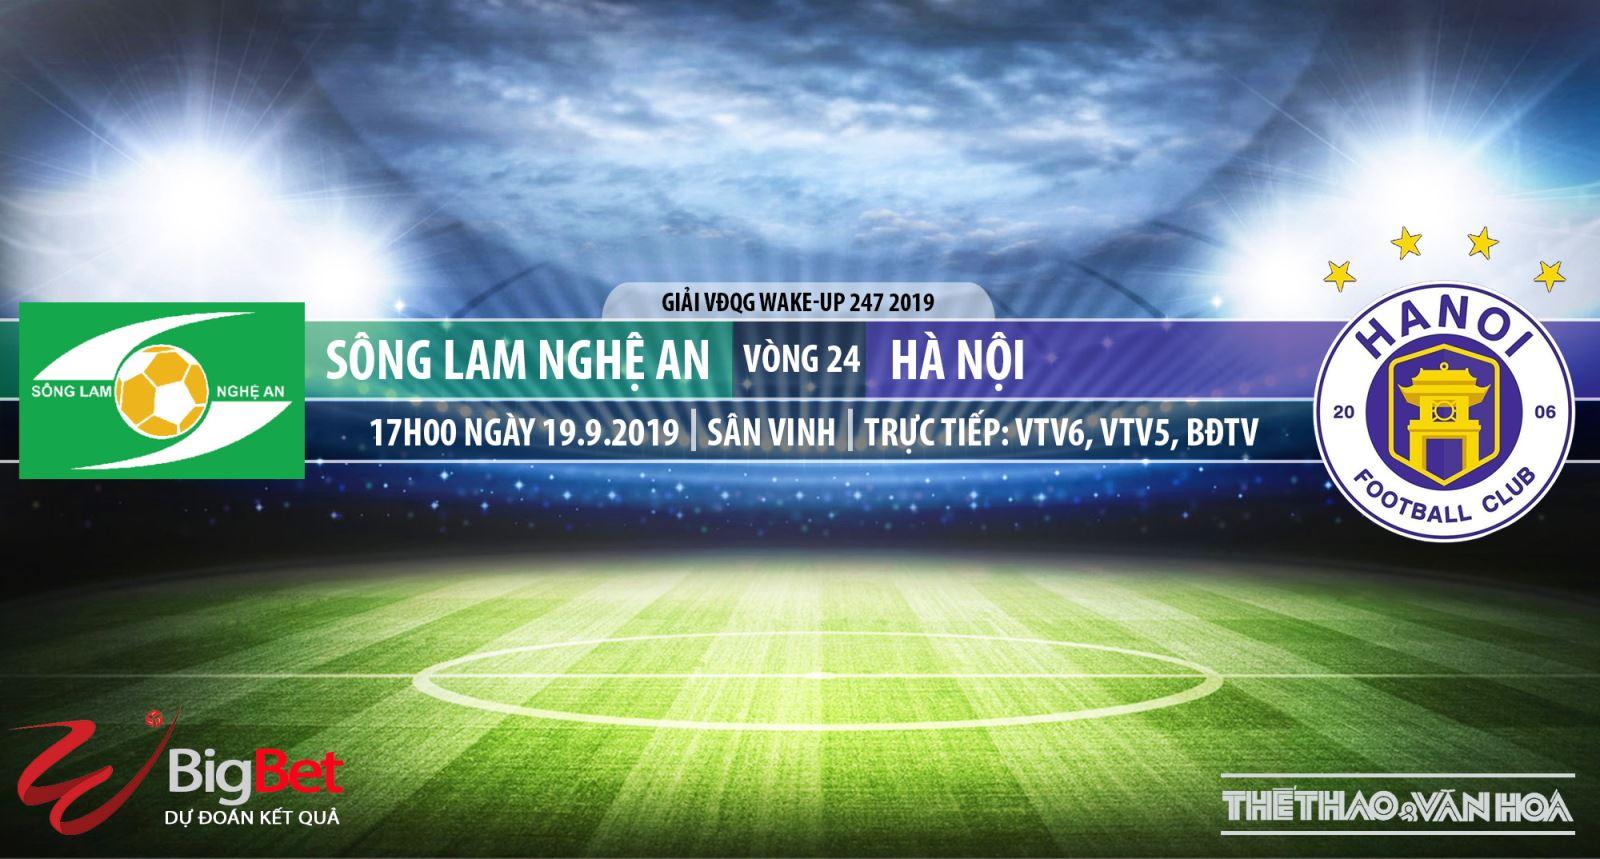 Trực tiếp và soi kèo bóng đá: SLNA đấu với Hà Nội (17h00 hôm nay, VTV6), V League 2019